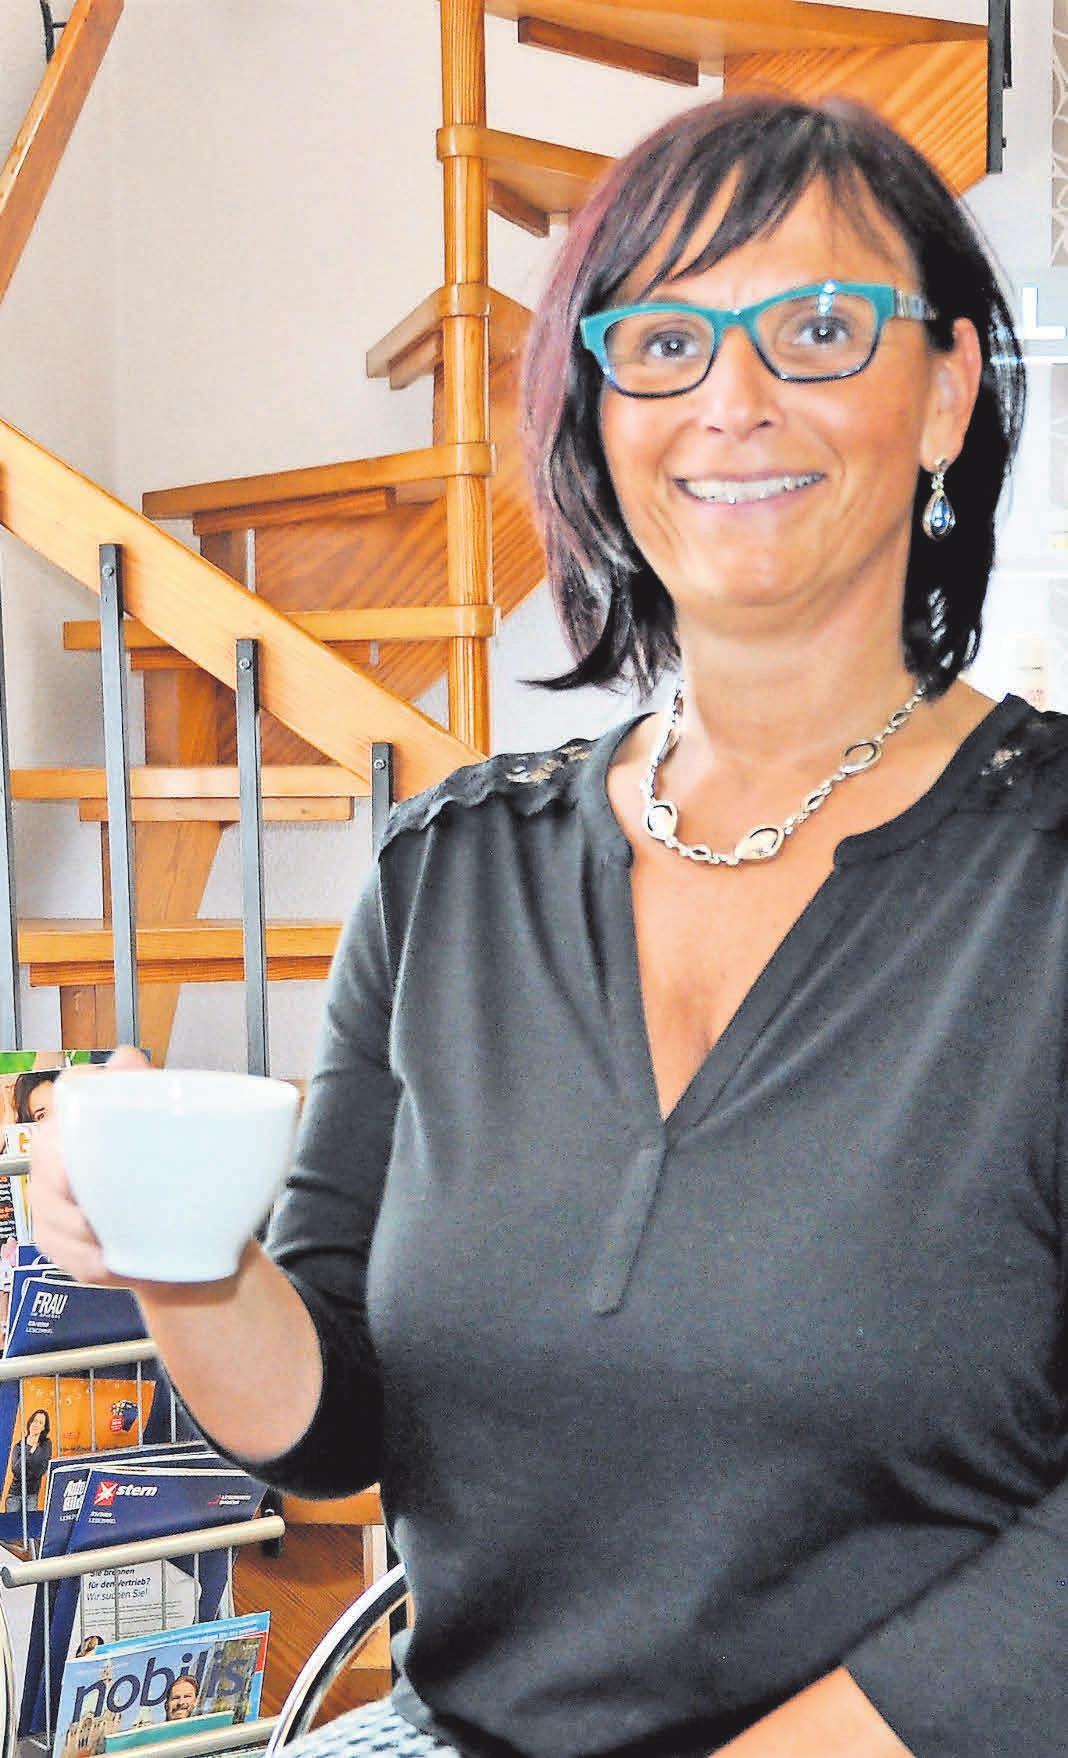 Ein seltenes Bild: Nicole Beier, Chefin des Salons Nicoletta, mit einer Tasse Kaffee in der Hand. Meistens steht die Friseurmeisterin hinter ihren Kundinnen und Kunden, um sie zu betreuen.